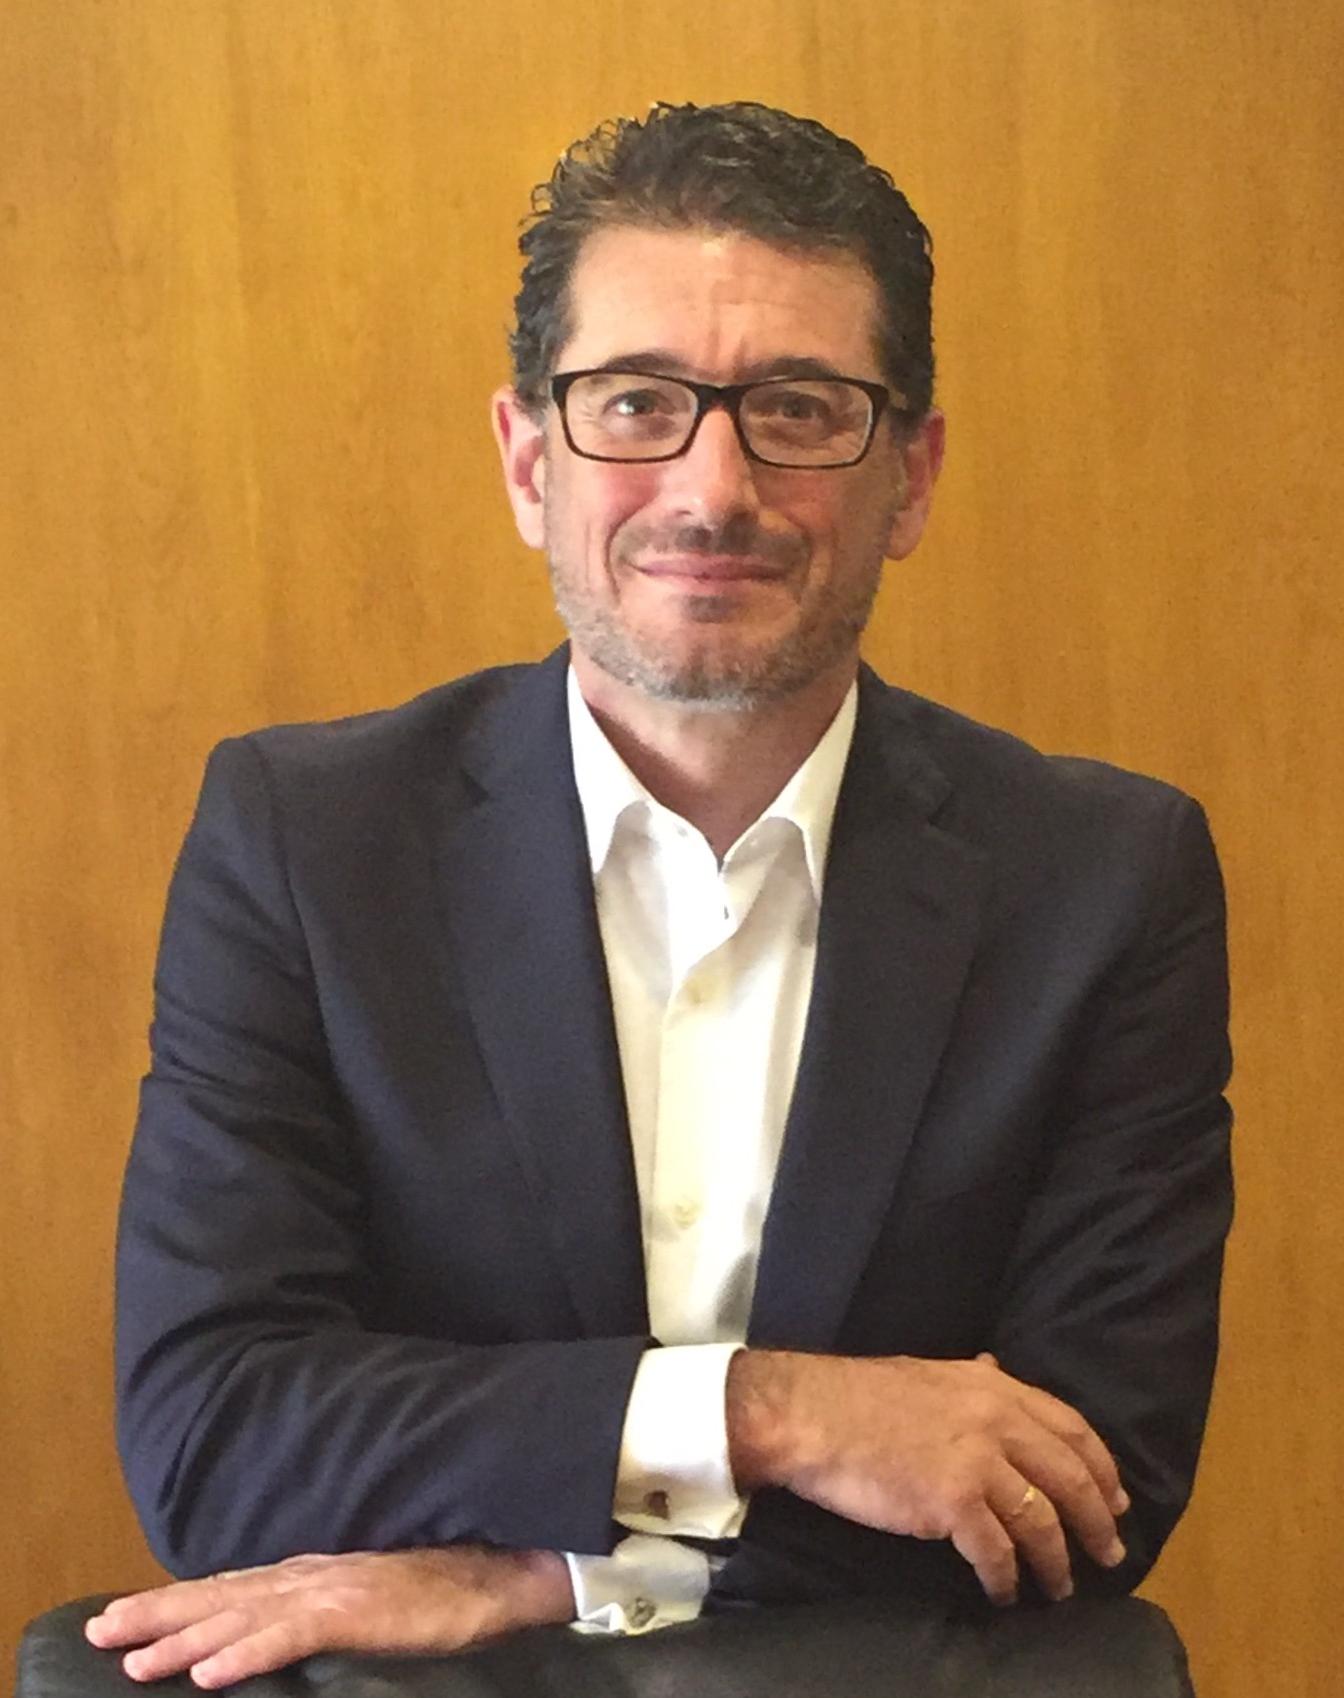 Luis Velasco, presidente de la Cámara Oficial de Comercio de España en Perú. (Foto: Cámara española de comercio).